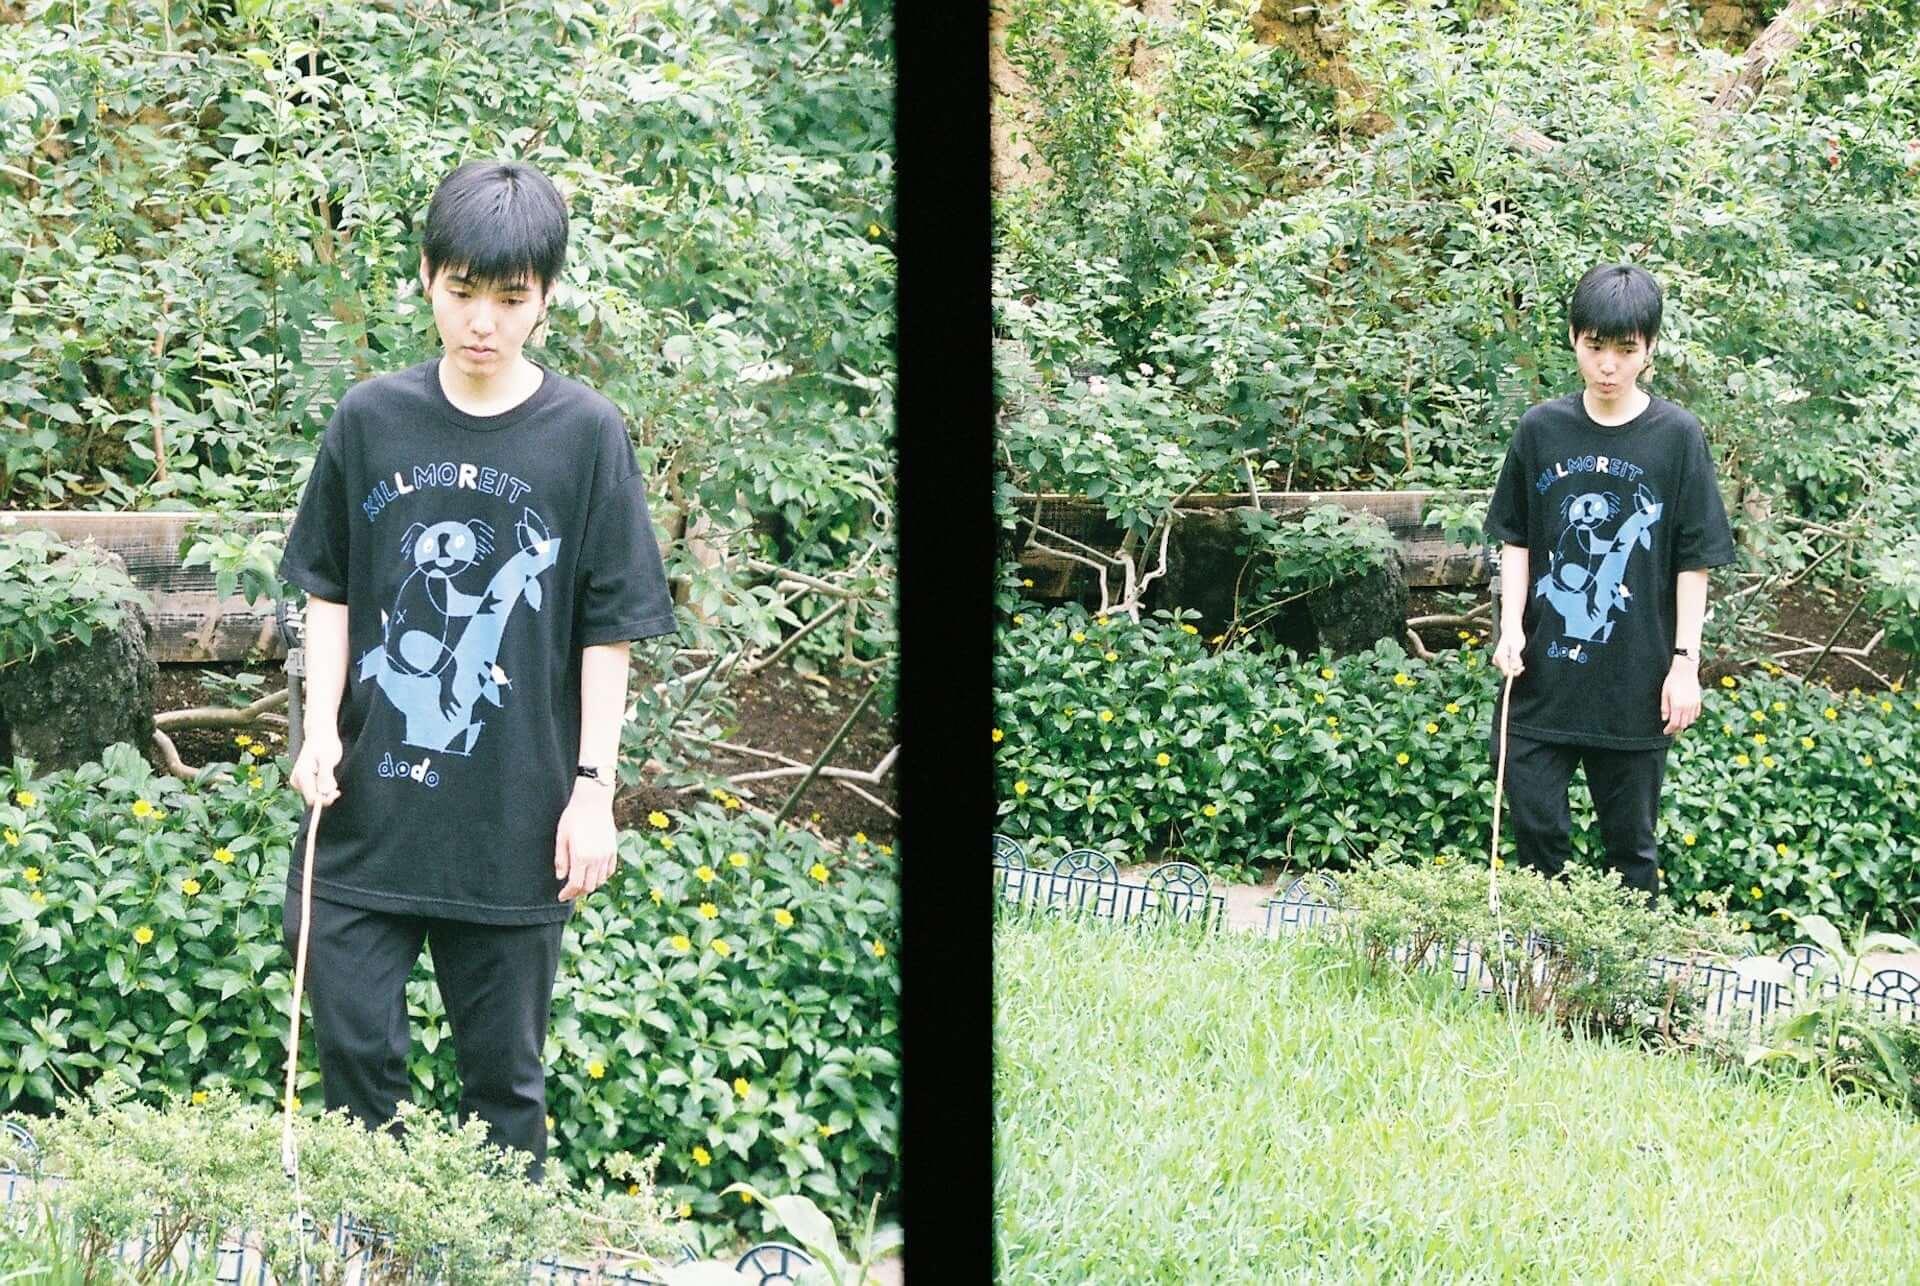 フジロック3日目に出演|新鋭ラッパー・dodo x Ryu OkuboによるコラボTシャツが本日から予約開始 lifefashion190726dodo_12-1920x1286